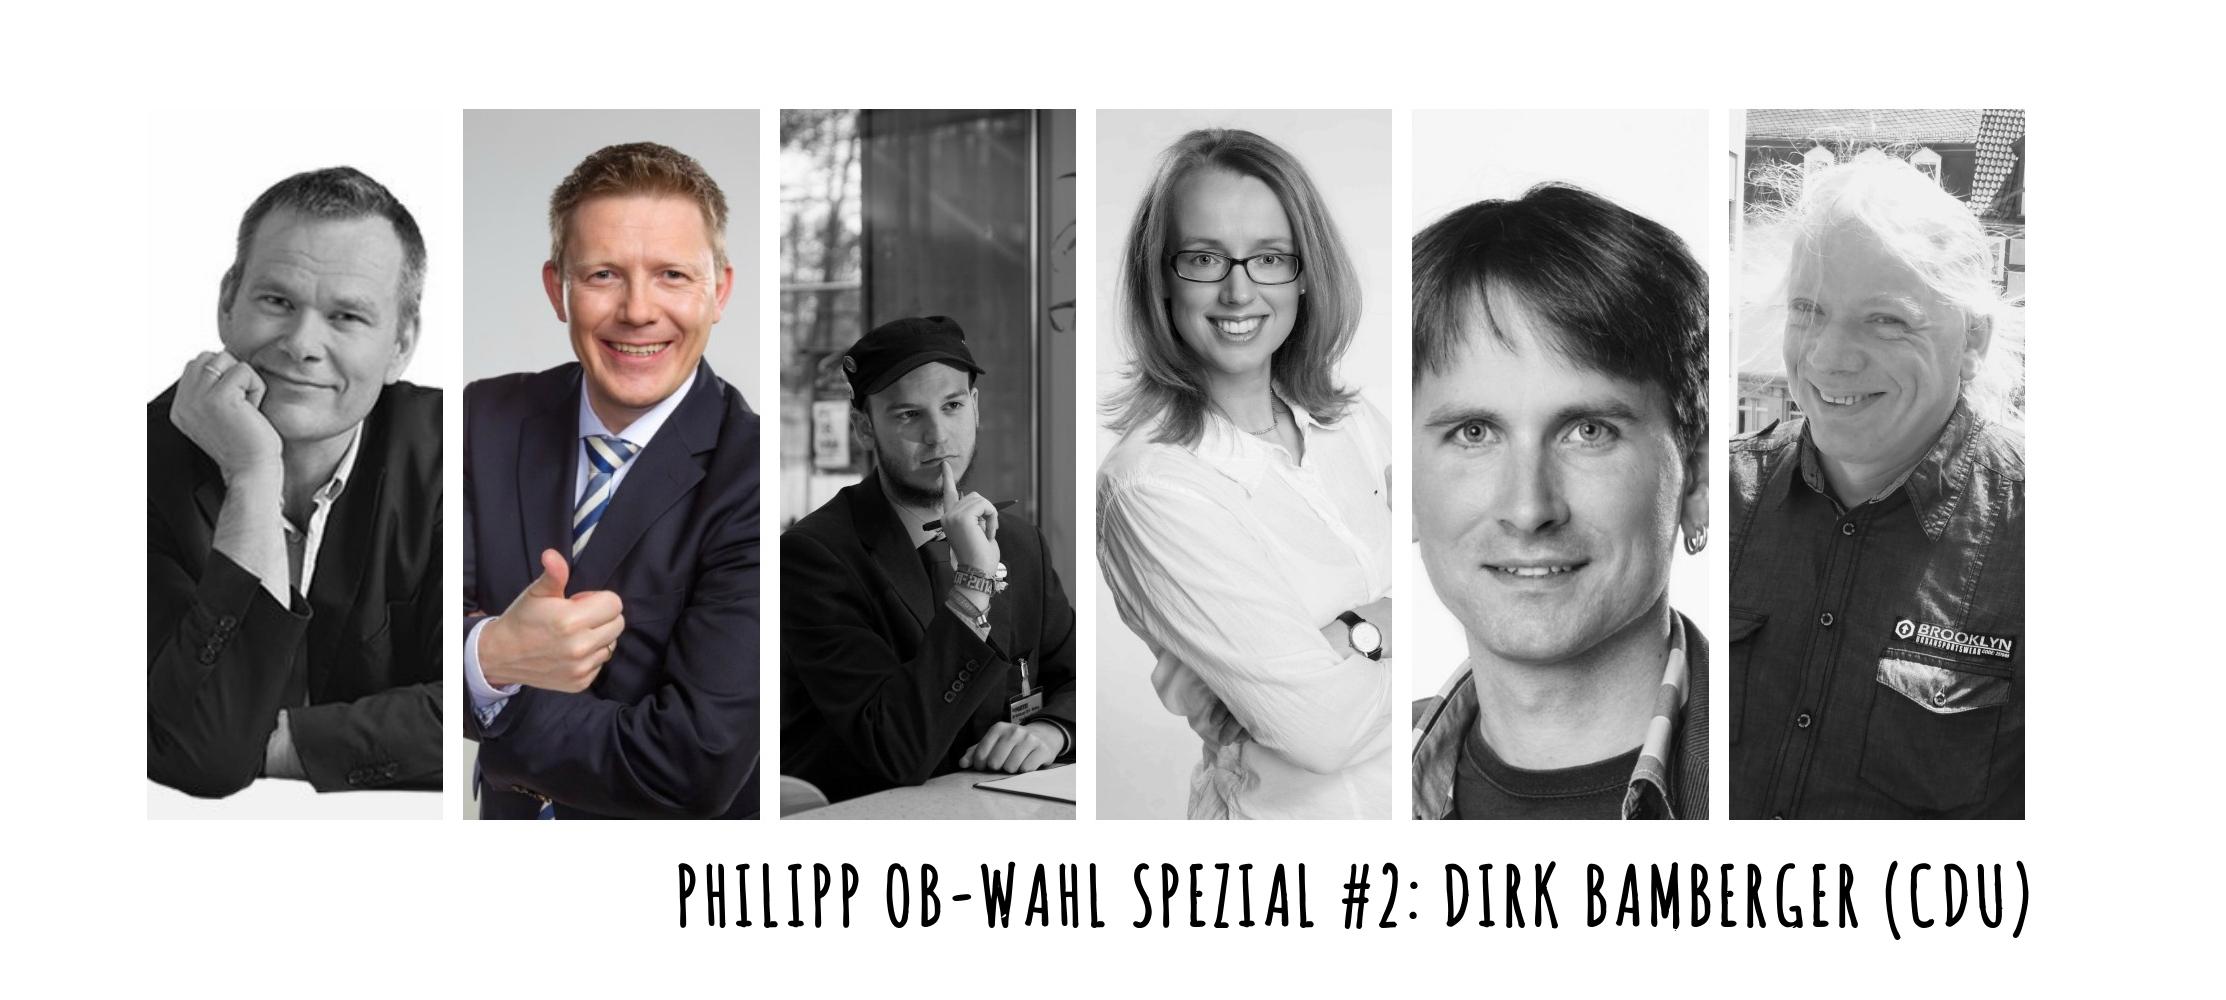 OB-Wahl-2015-Spezial #2: Dirk Bamberger (CDU)